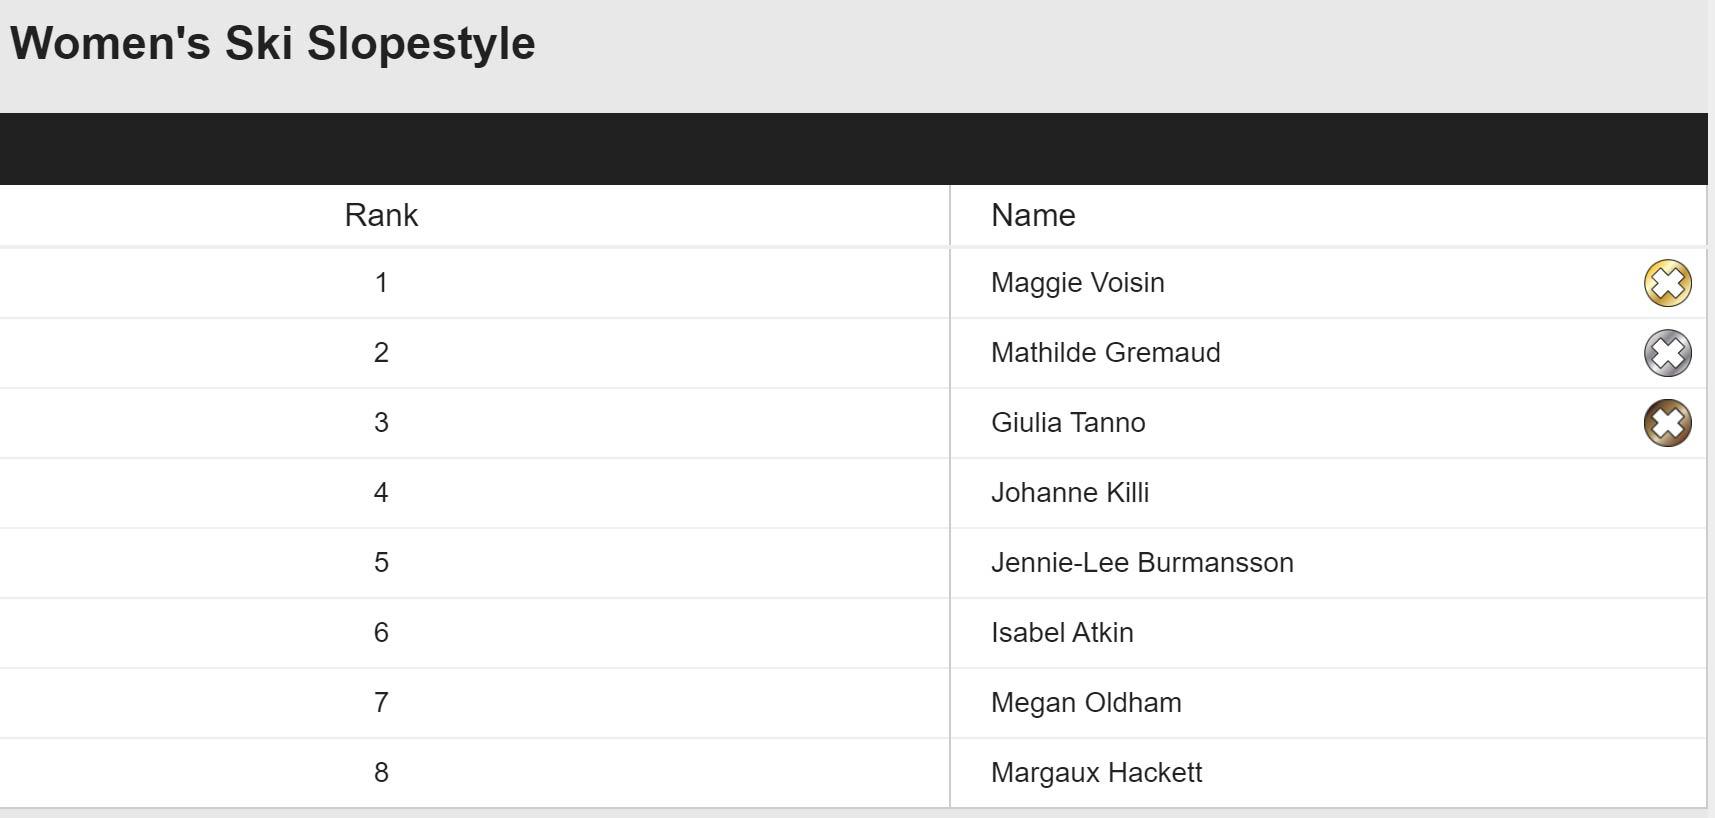 Das Slopestyle Ergebnis der Frauen bei den Winter X Games Norwegen 2020 in der Übersicht.